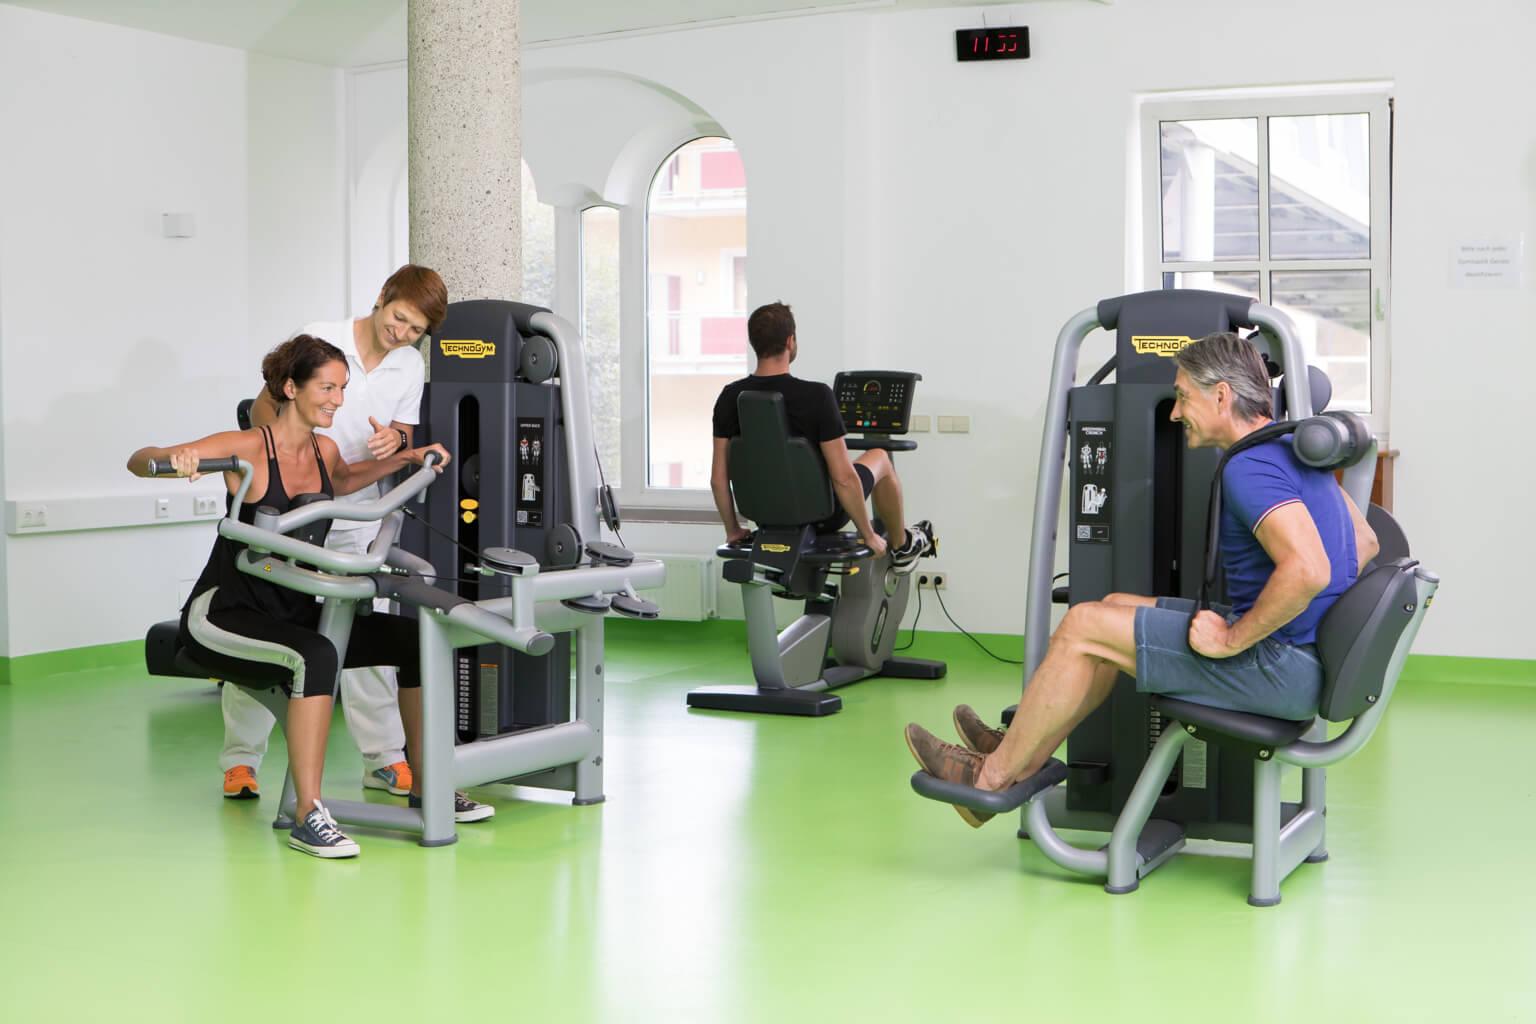 Moderne Geräte für Fitness und Training